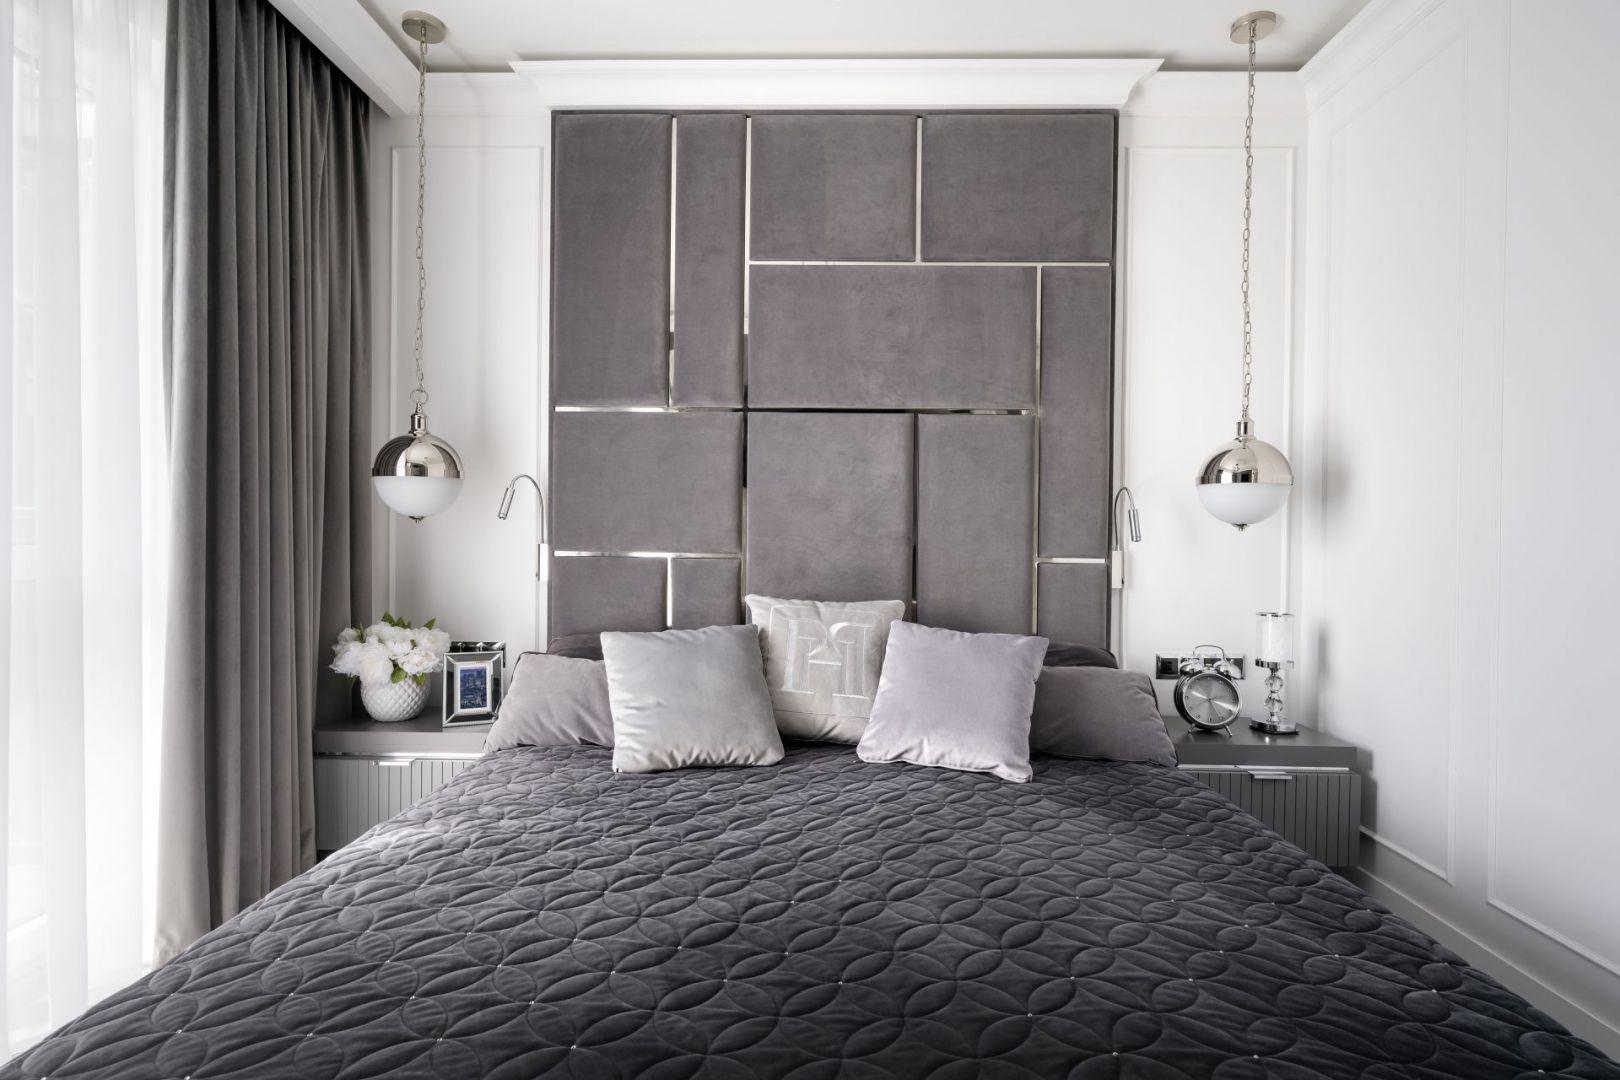 W sypialni wrażenie robi zagłówek – błyszczące, chromowane listwy dynamizują aranżację i świetnie komponują się z lampami oraz delikatnymi nocnymi szafkami przy łóżku. Projekt: Magdalena Miśkiewicz, Miśkiewicz Design (architekt prowadzący: Gabriela Radwanowska). Fot. Łukasz Zandecki